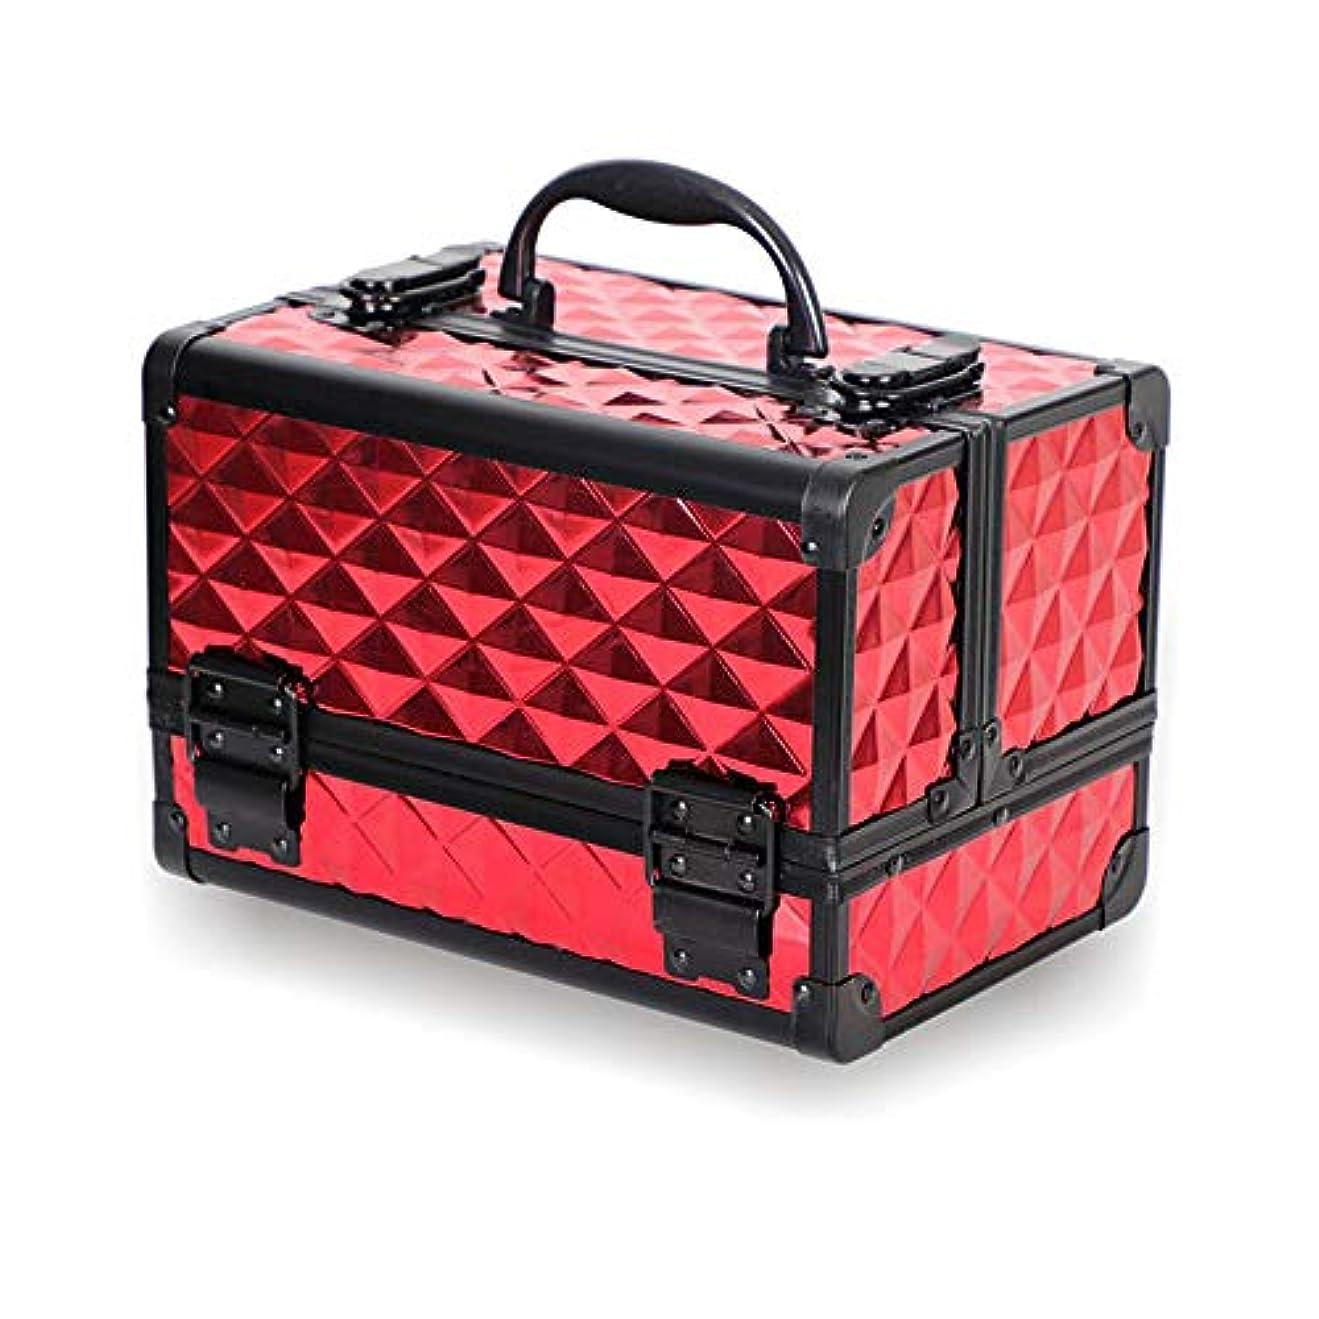 傾向があります振り向く詐欺師特大スペース収納ビューティーボックス 美の構造のためそしてジッパーおよび折る皿が付いている女の子の女性旅行そして毎日の貯蔵のための高容量の携帯用化粧品袋 化粧品化粧台 (色 : 赤)